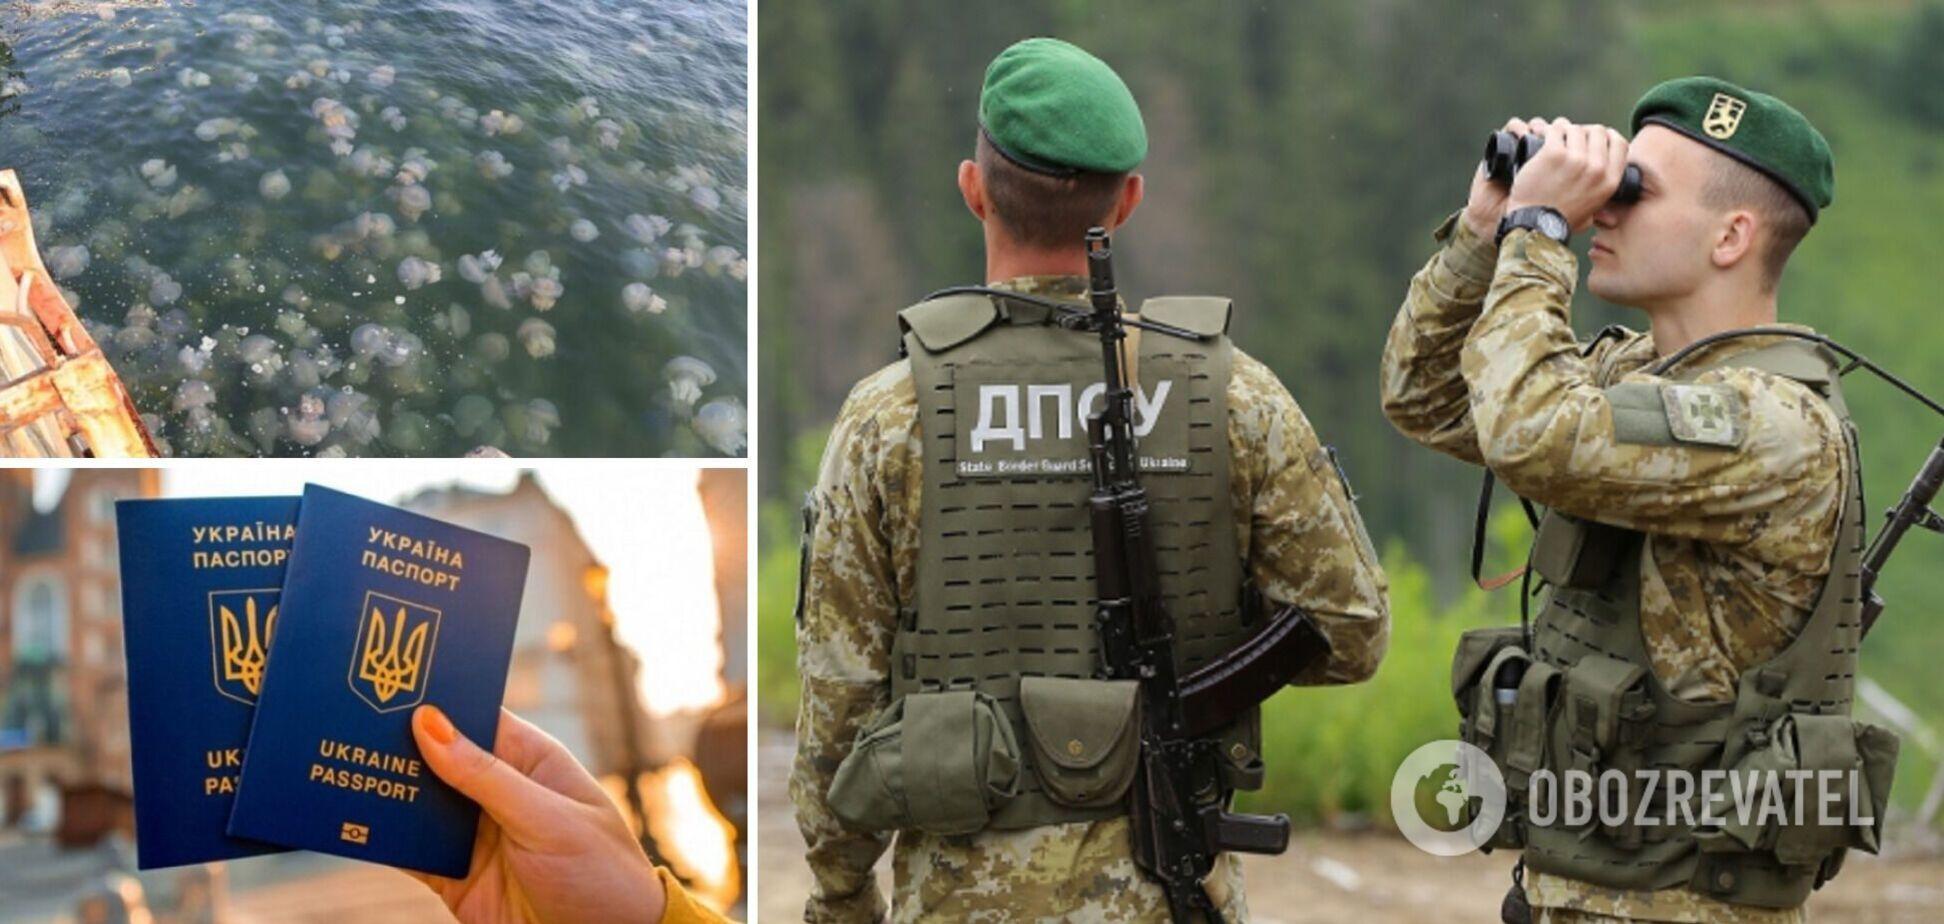 Новини України: на курортах нашестя комарів і медуз, а на кордоні з РФ СБУвці побили прикордонників